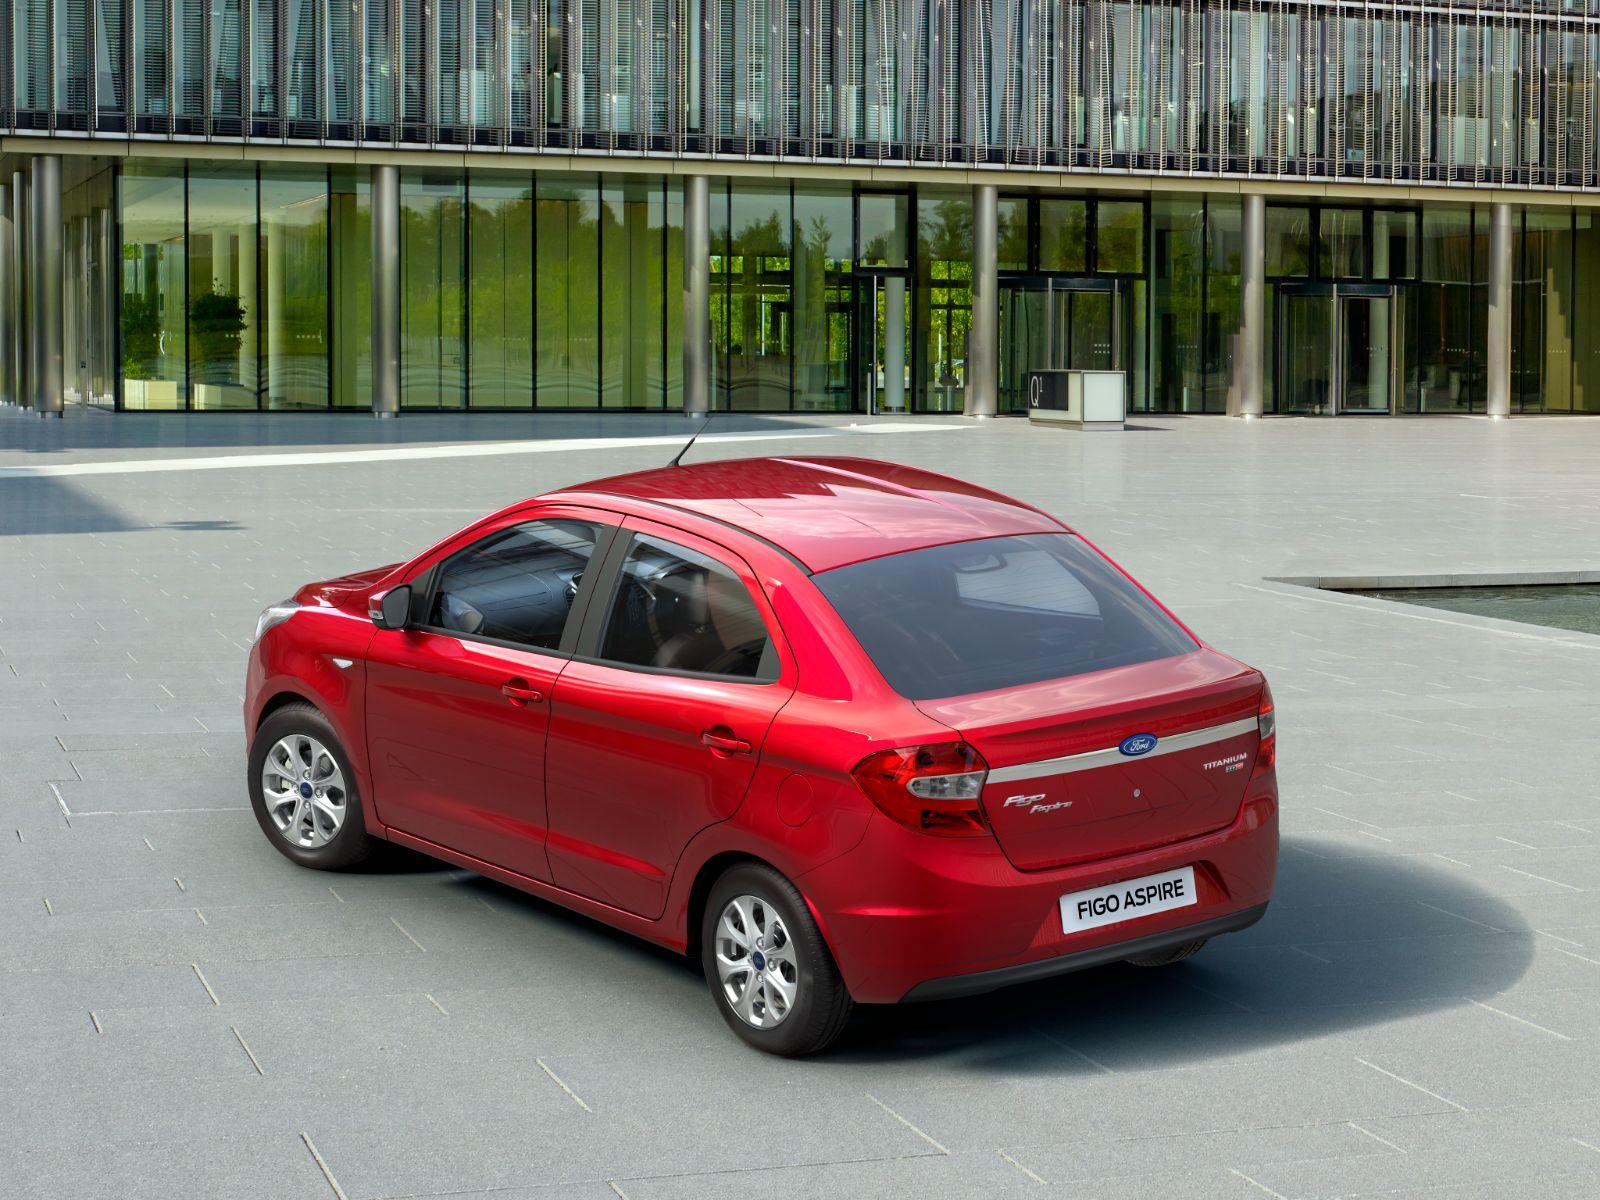 ford figo aspire vermelho traseira modelo indiano